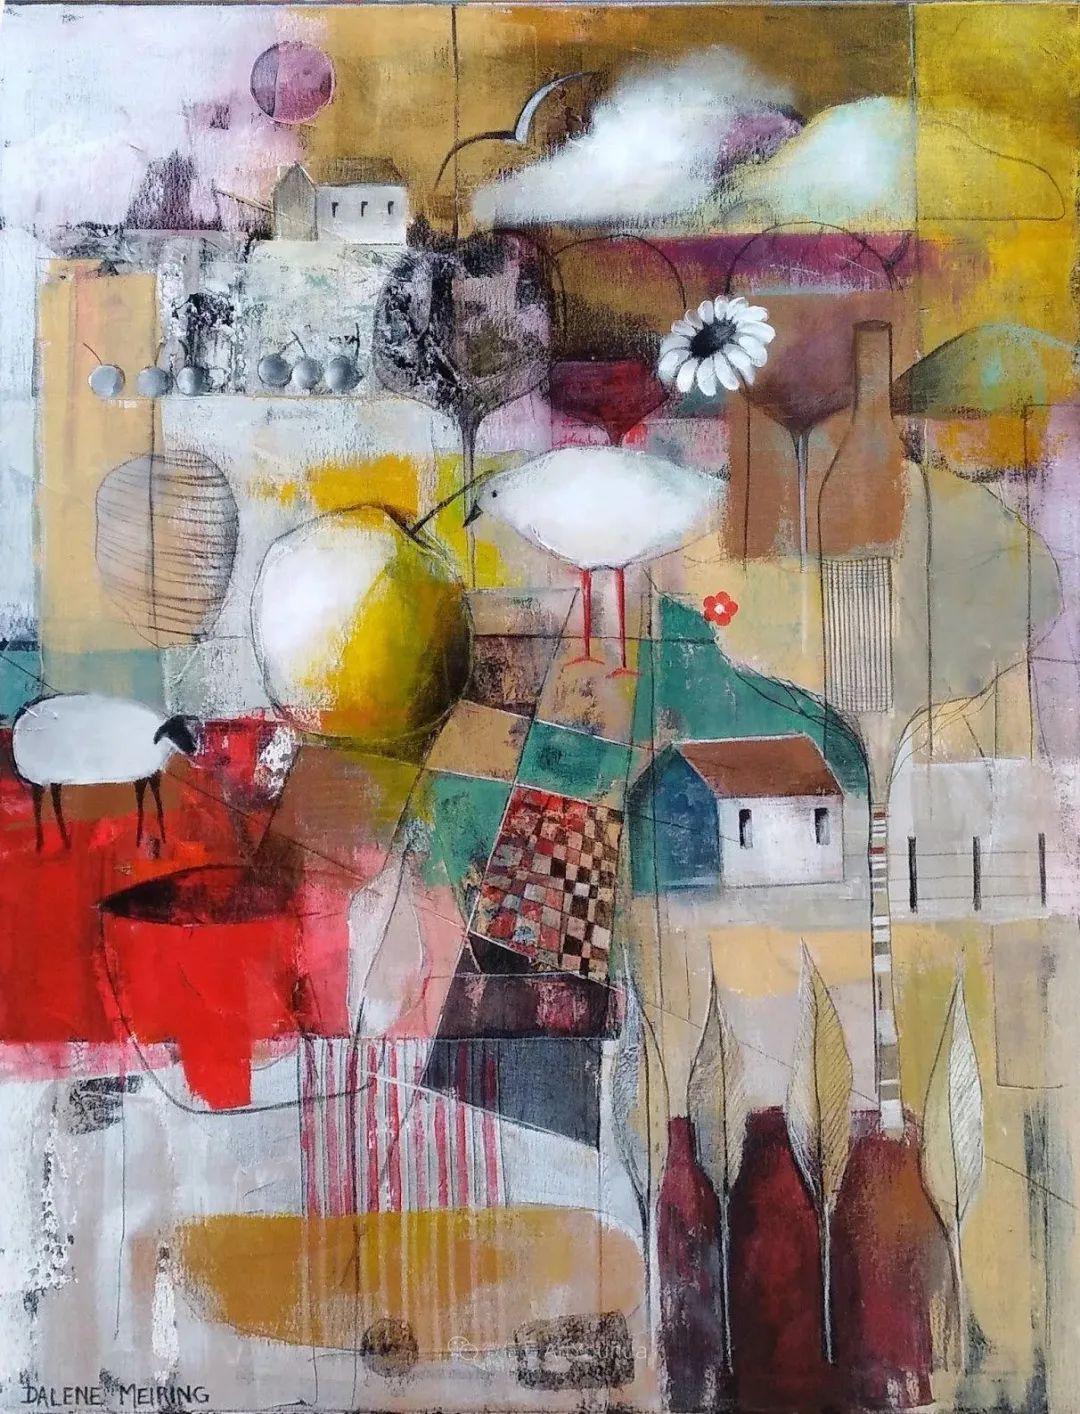 风景篇,南非女艺术家达琳·梅林作品选(中)插图23